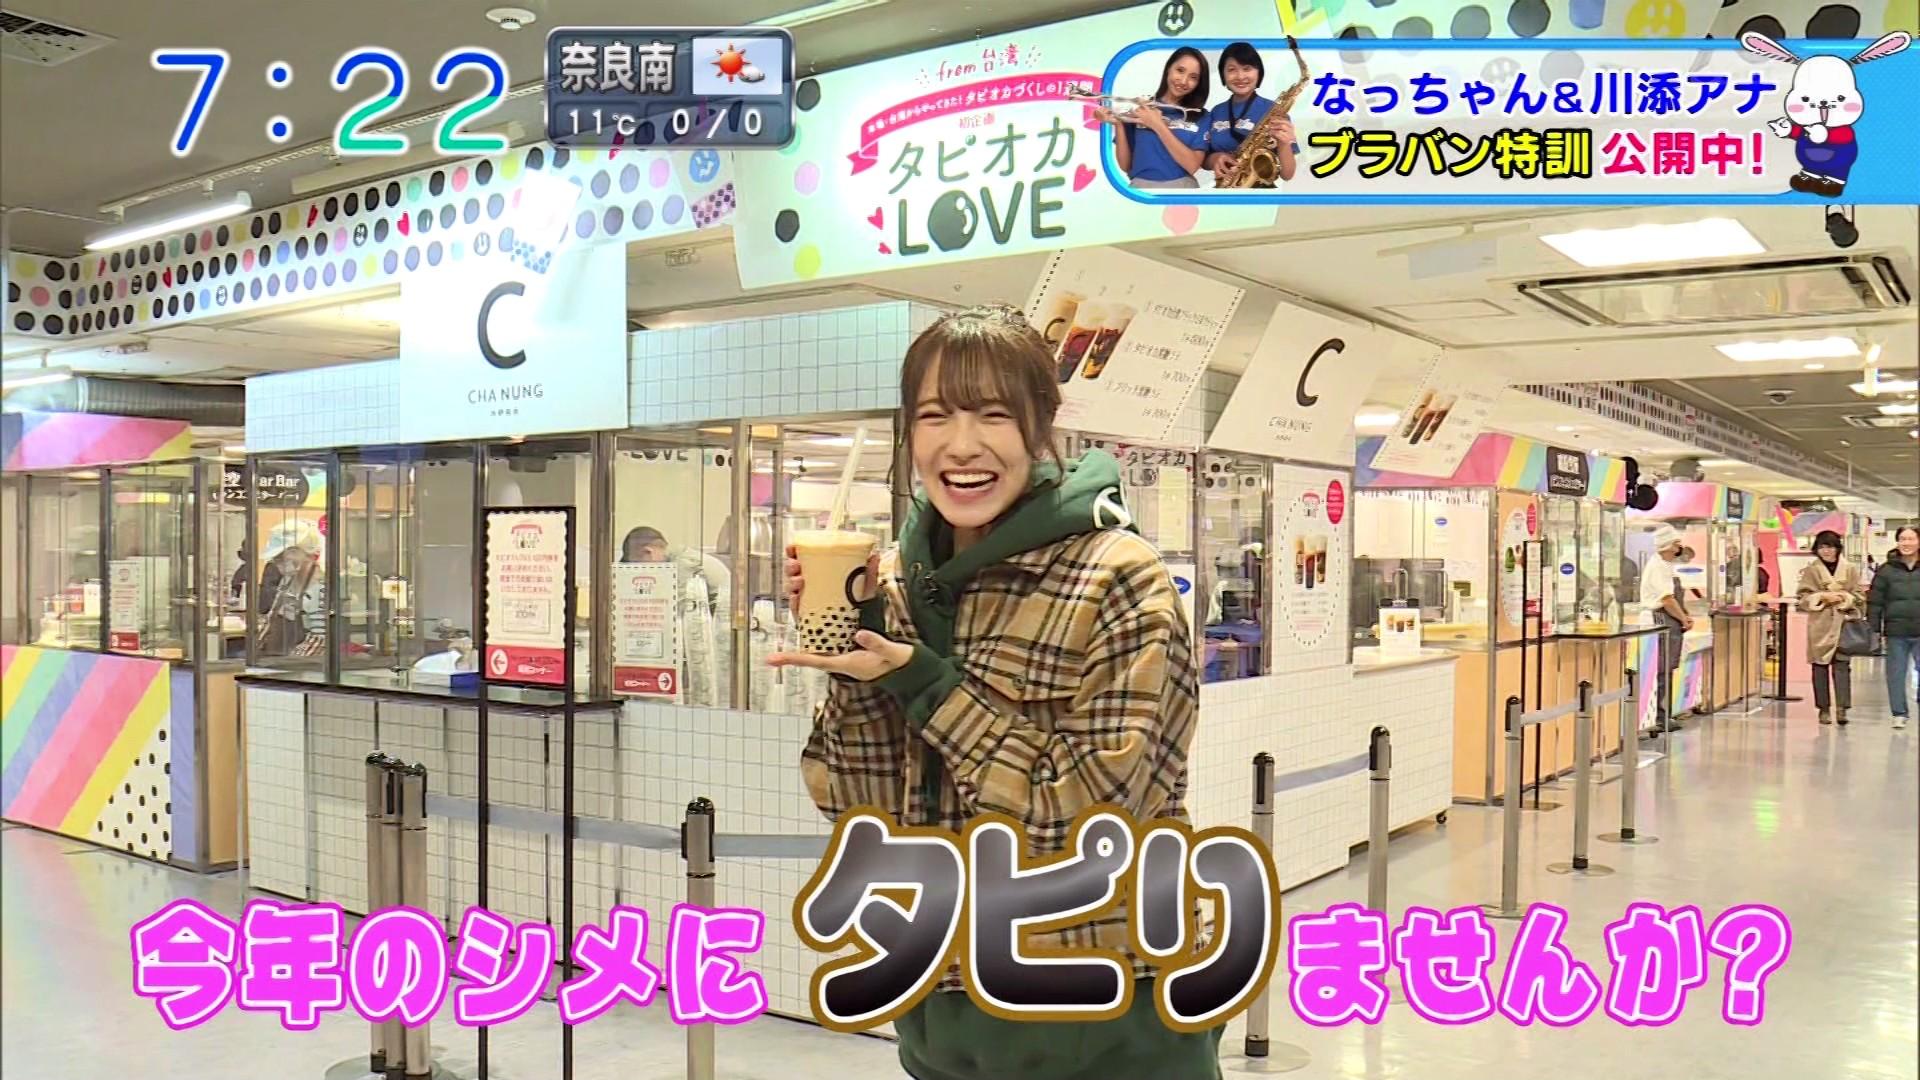 【小嶋花梨】こじりんが出演した12月20日ABCテレビ「おはよう朝日です」の画像